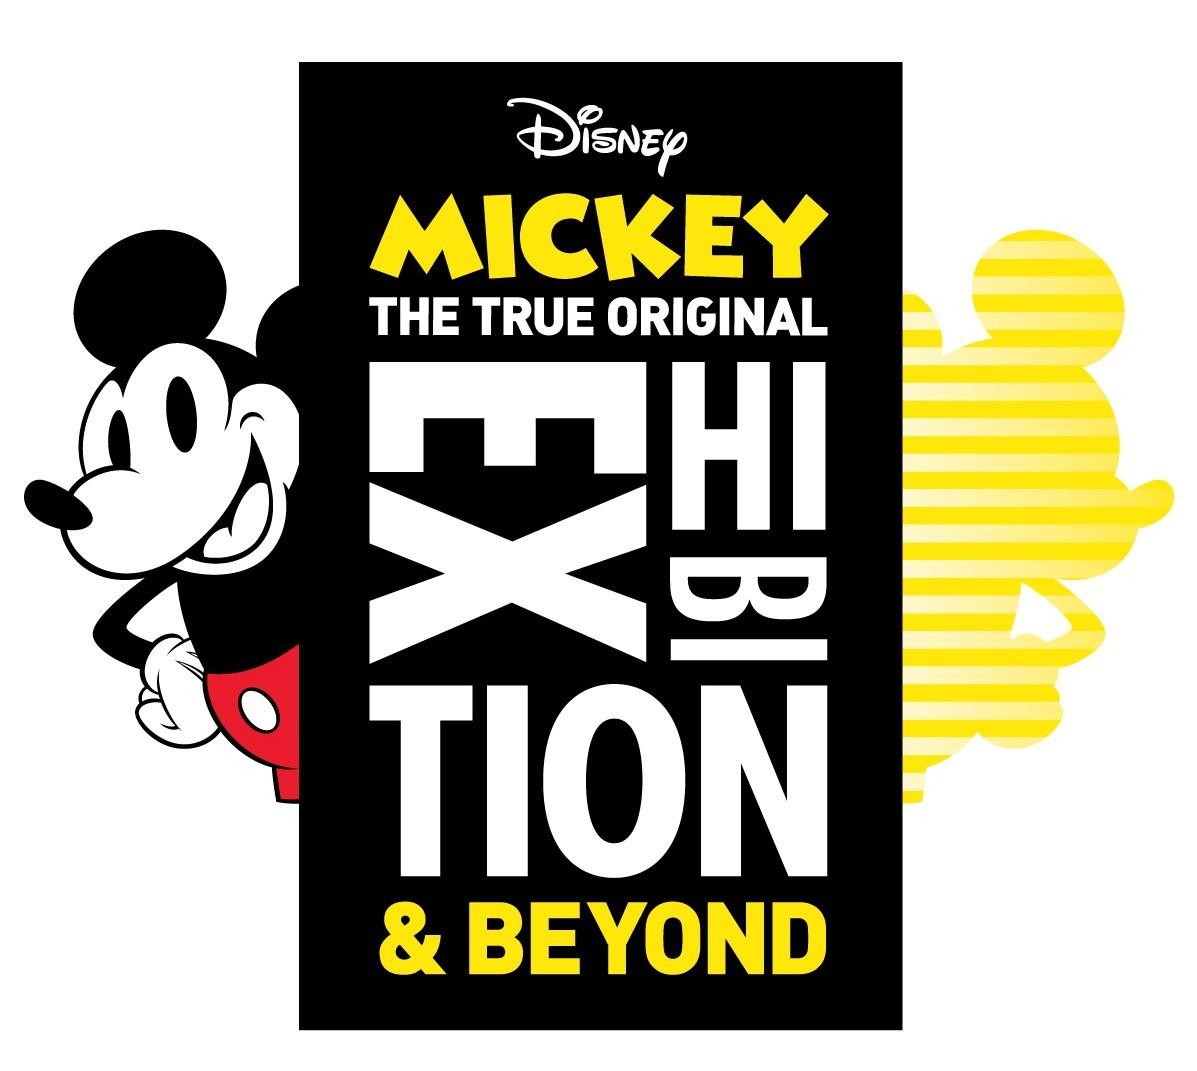 「ミッキーマウス展 THE TRUE ORIGINAL & BEYOND」 キービジュアル (C)Disney